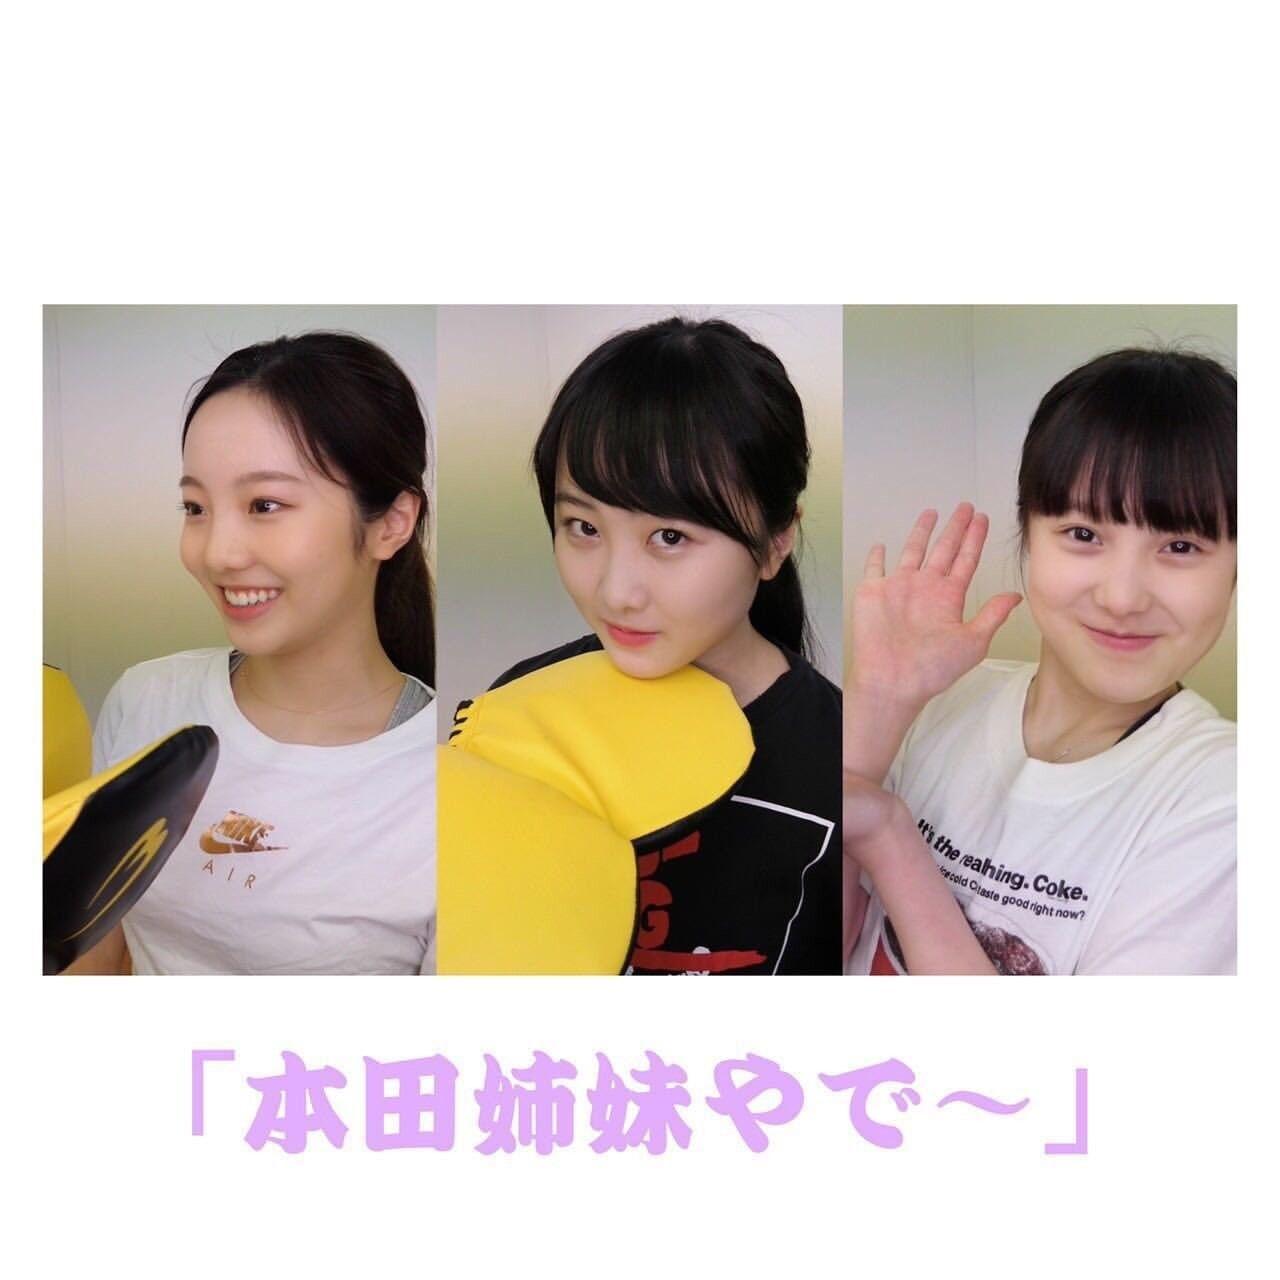 【GIF】本田望結3姉妹が縄跳びして おっぱいブルンブルン揺れてて草。  [585351372]